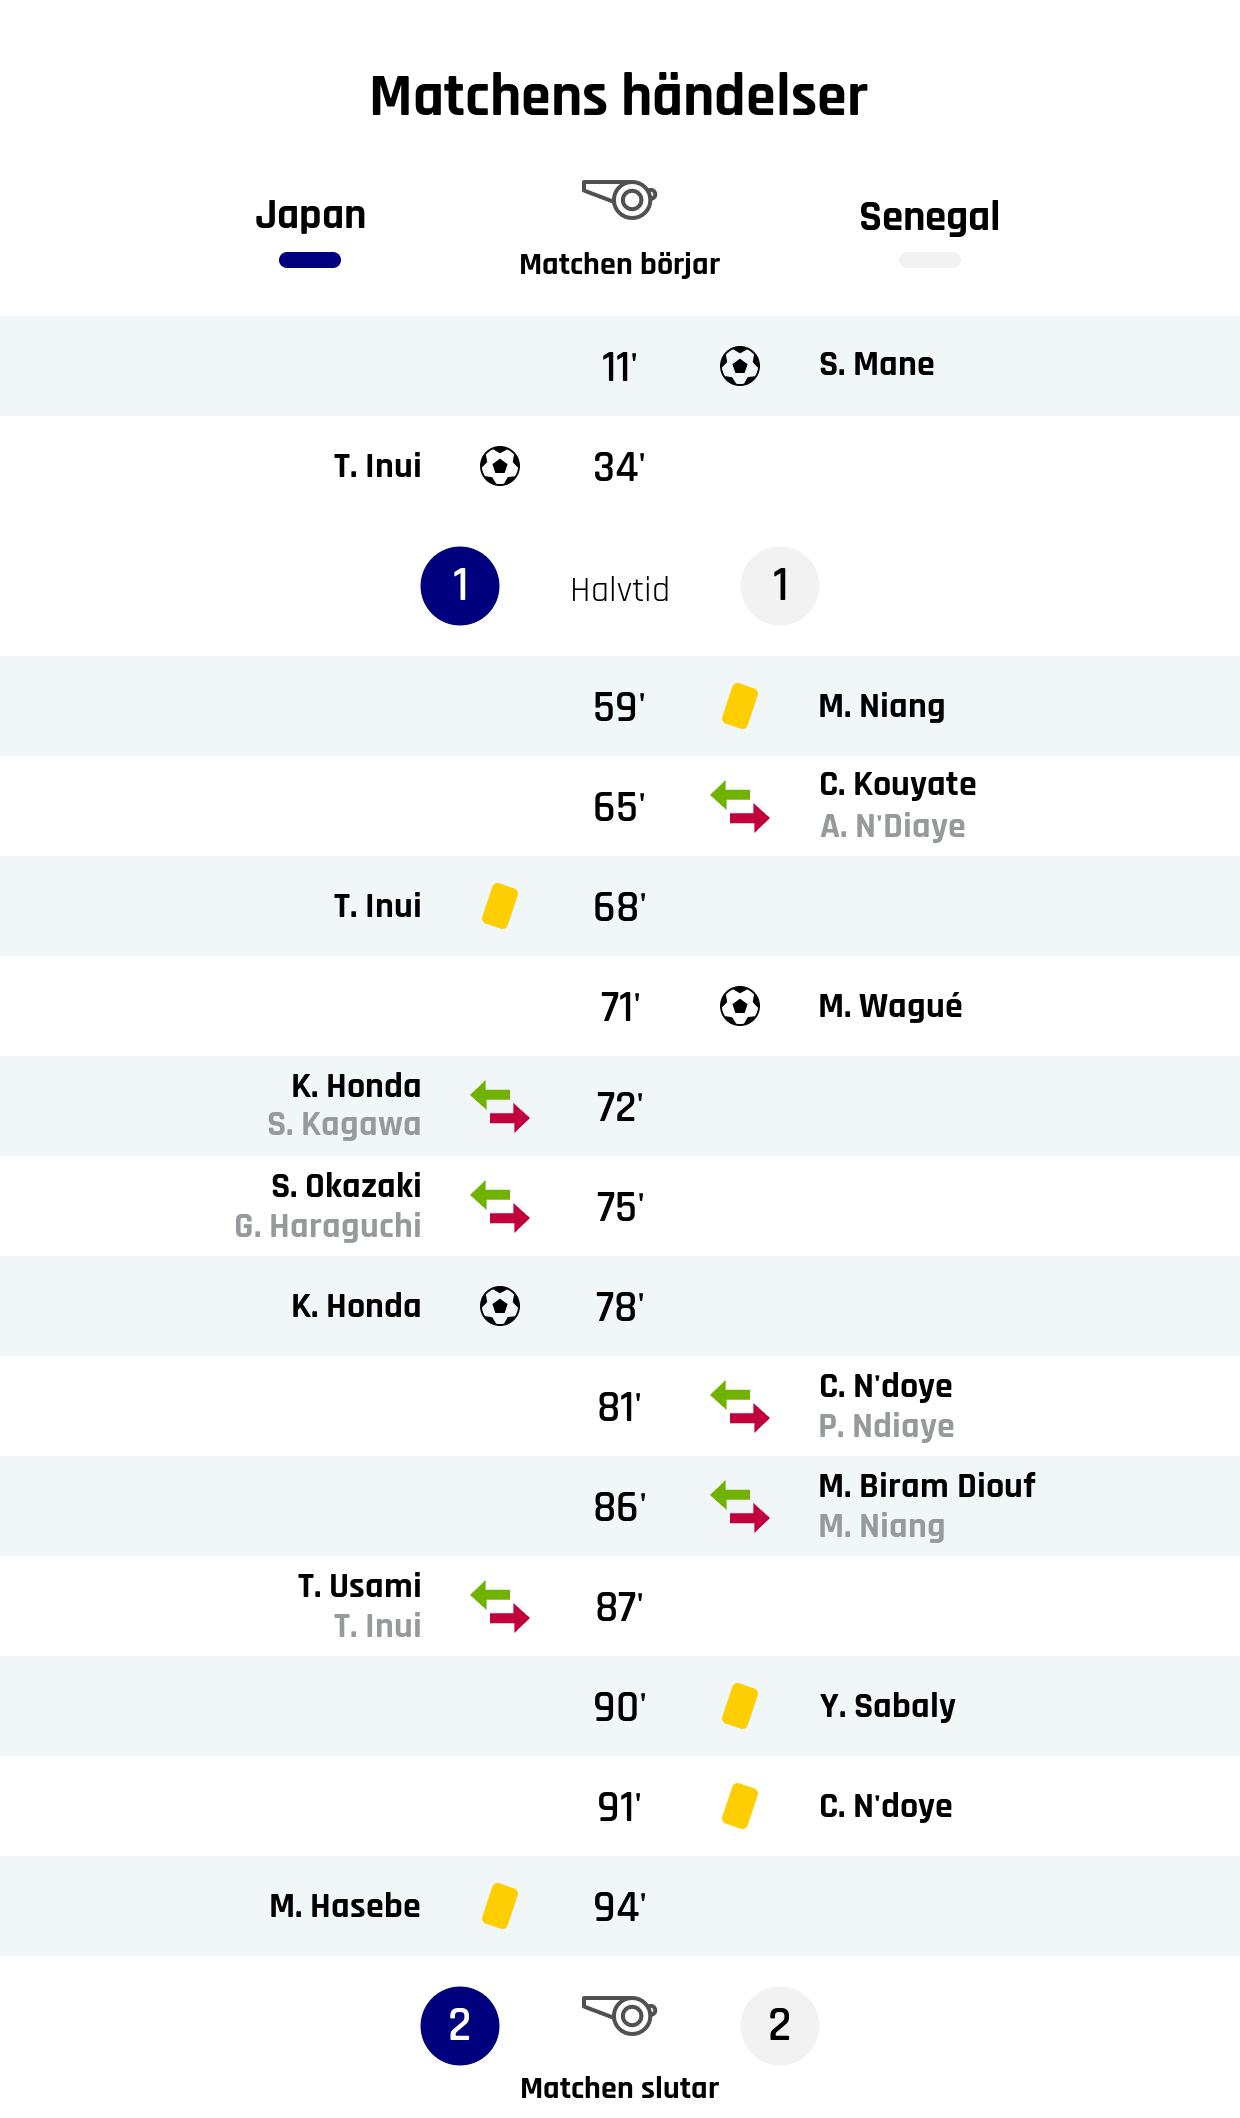 11' Mål Senegal: S. Mane<br /> 34' Mål Japan: T. Inui<br /> Resultat i halvtid: Japan 1, Senegal 1<br /> 59' Gult kort: M. Niang, Senegal<br /> 65' Senegals byte: C. Kouyate in, A. N'Diaye ut<br /> 68' Gult kort: T. Inui, Japan<br /> 71' Mål Senegal: M. Wagué<br /> 72' Japans byte: K. Honda in, S. Kagawa ut<br /> 75' Japans byte: S. Okazaki in, G. Haraguchi ut<br /> 78' Mål Japan: K. Honda<br /> 81' Senegals byte: C. N'doye in, P. Ndiaye ut<br /> 86' Senegals byte: M. Biram Diouf in, M. Niang ut<br /> 87' Japans byte: T. Usami in, T. Inui ut<br /> 90' Gult kort: Y. Sabaly, Senegal<br /> 91' Gult kort: C. N'doye, Senegal<br /> 94' Gult kort: M. Hasebe, Japan<br /> Slutresultat: Japan 2, Senegal 2